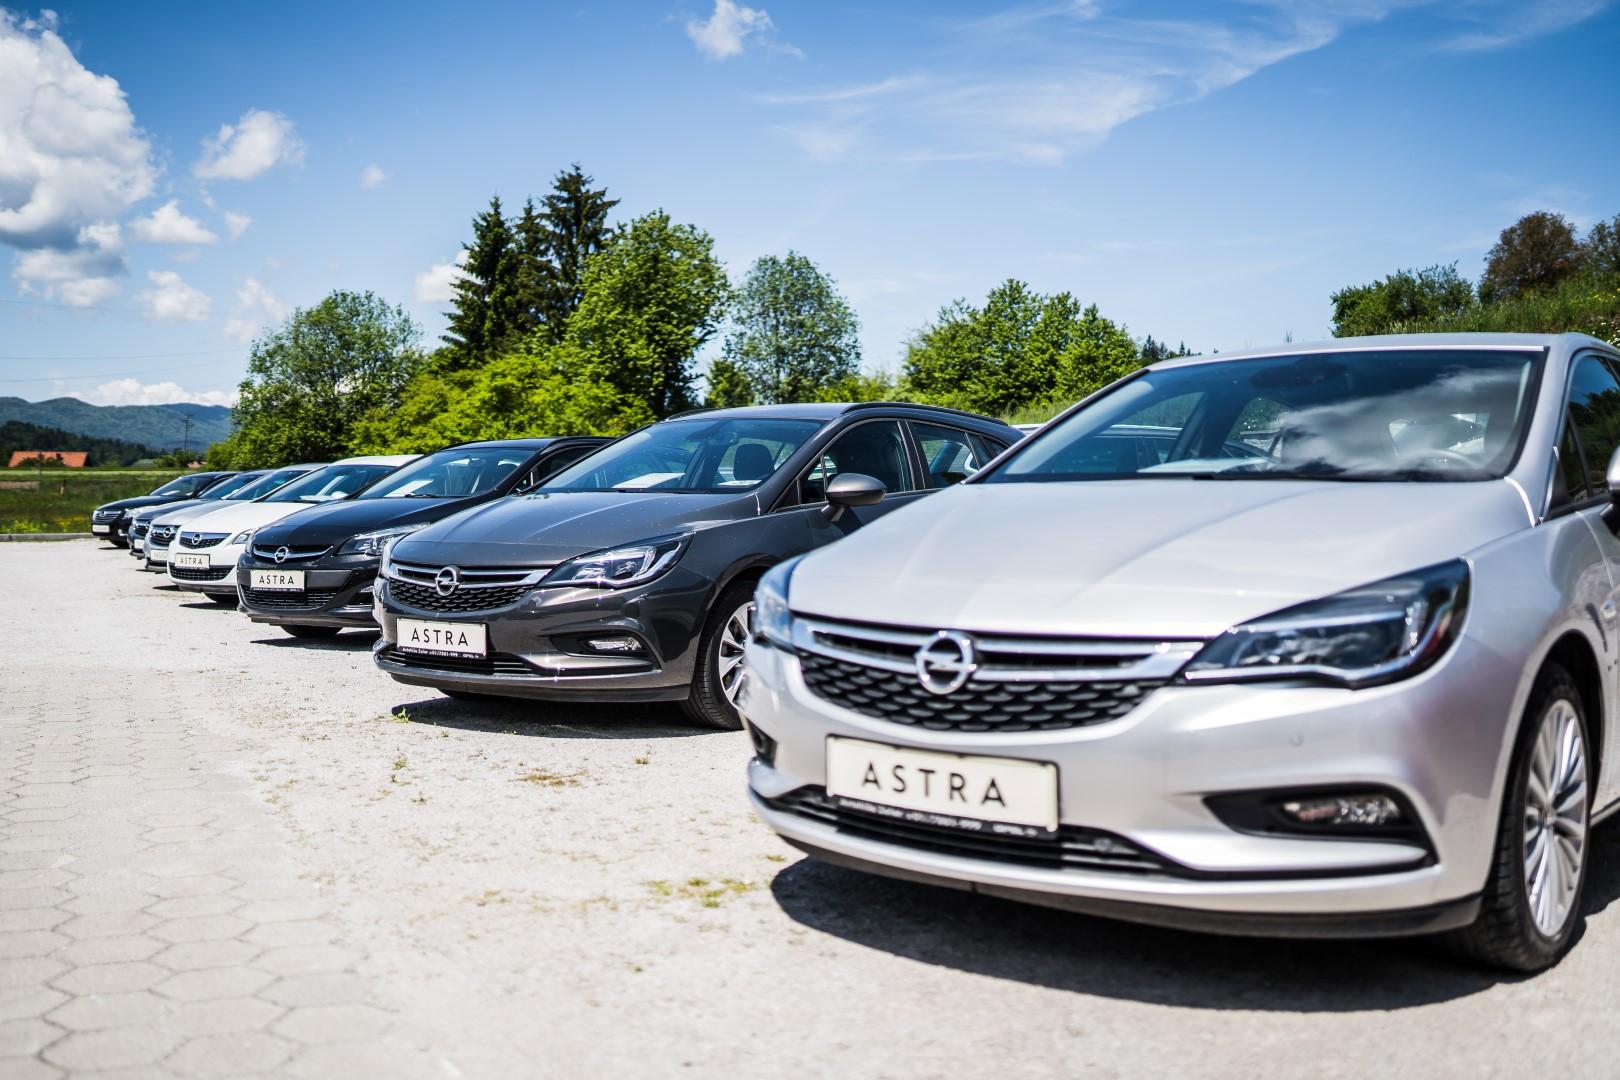 avtohisa-zalar-redno-servisirana-kvalitetna-dobra-rabljena vozila-z-garancijo-jamstvom (3)